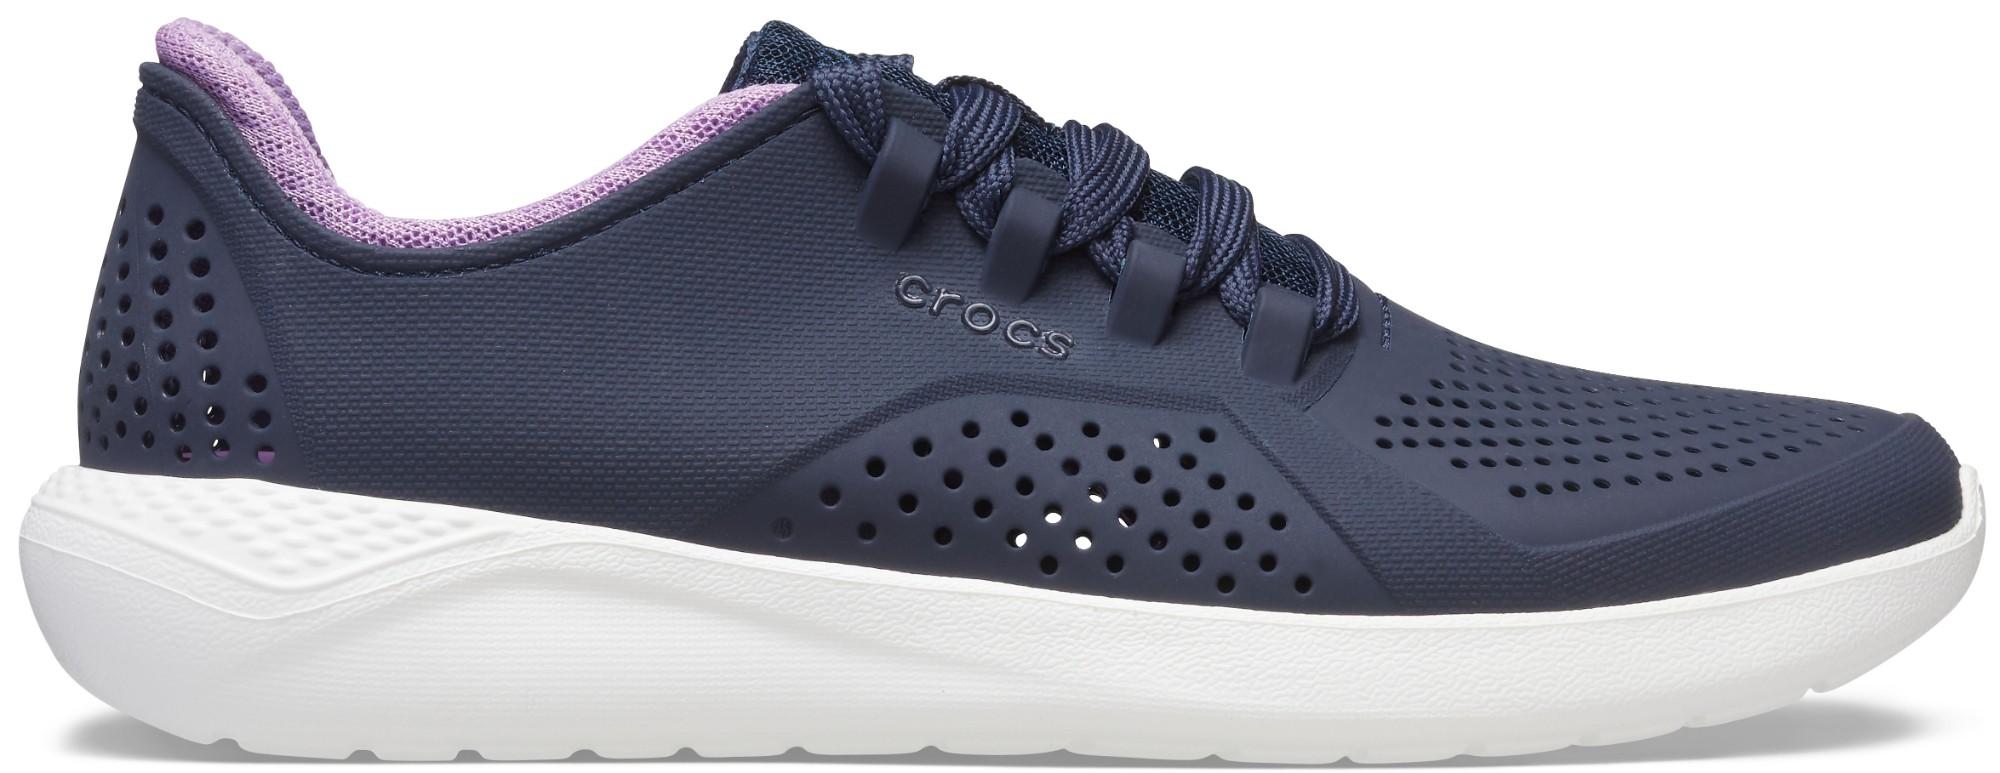 Crocs™ Women's LiteRide Pacer Navy/Orchid 37,5